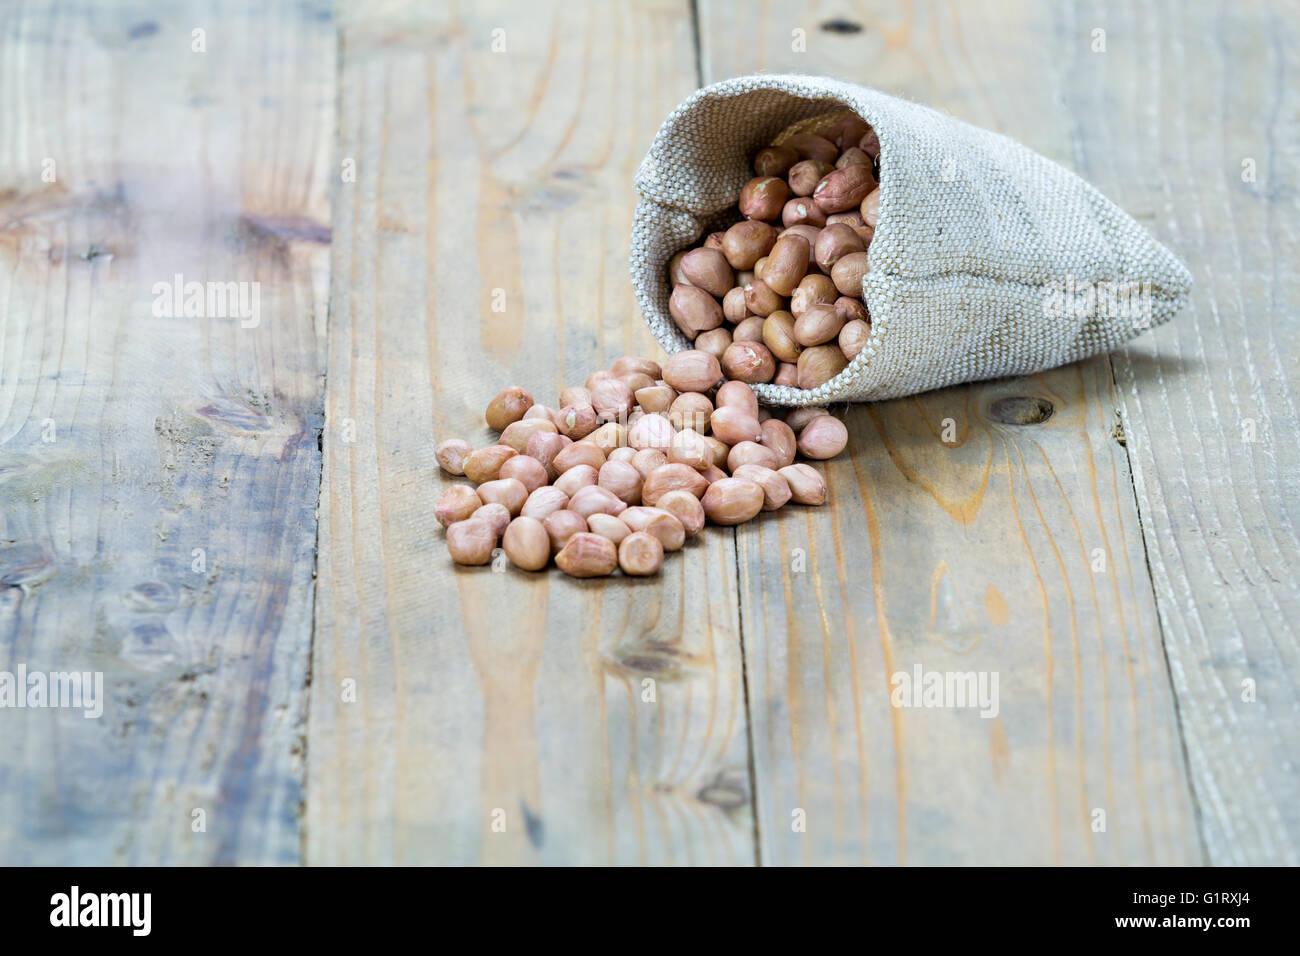 peanut on vintage wooden boards still life - Stock Image